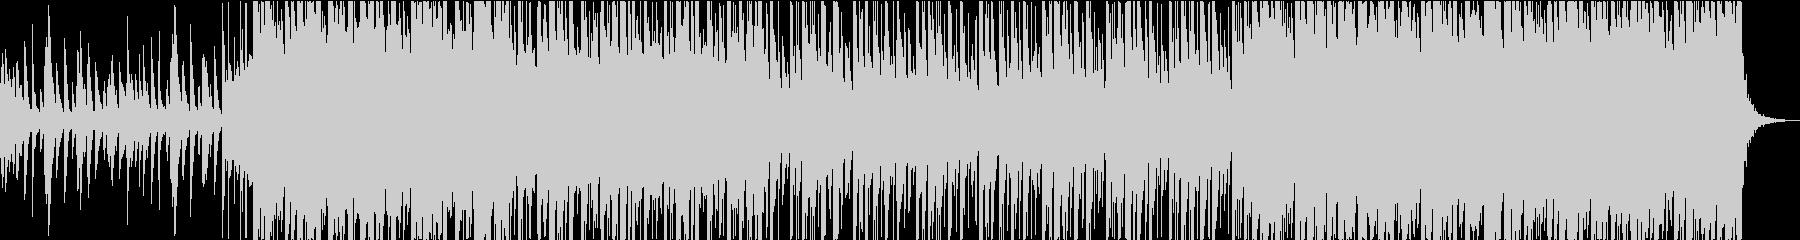 琴と尺八・しとやかで力強い和風BGMの未再生の波形